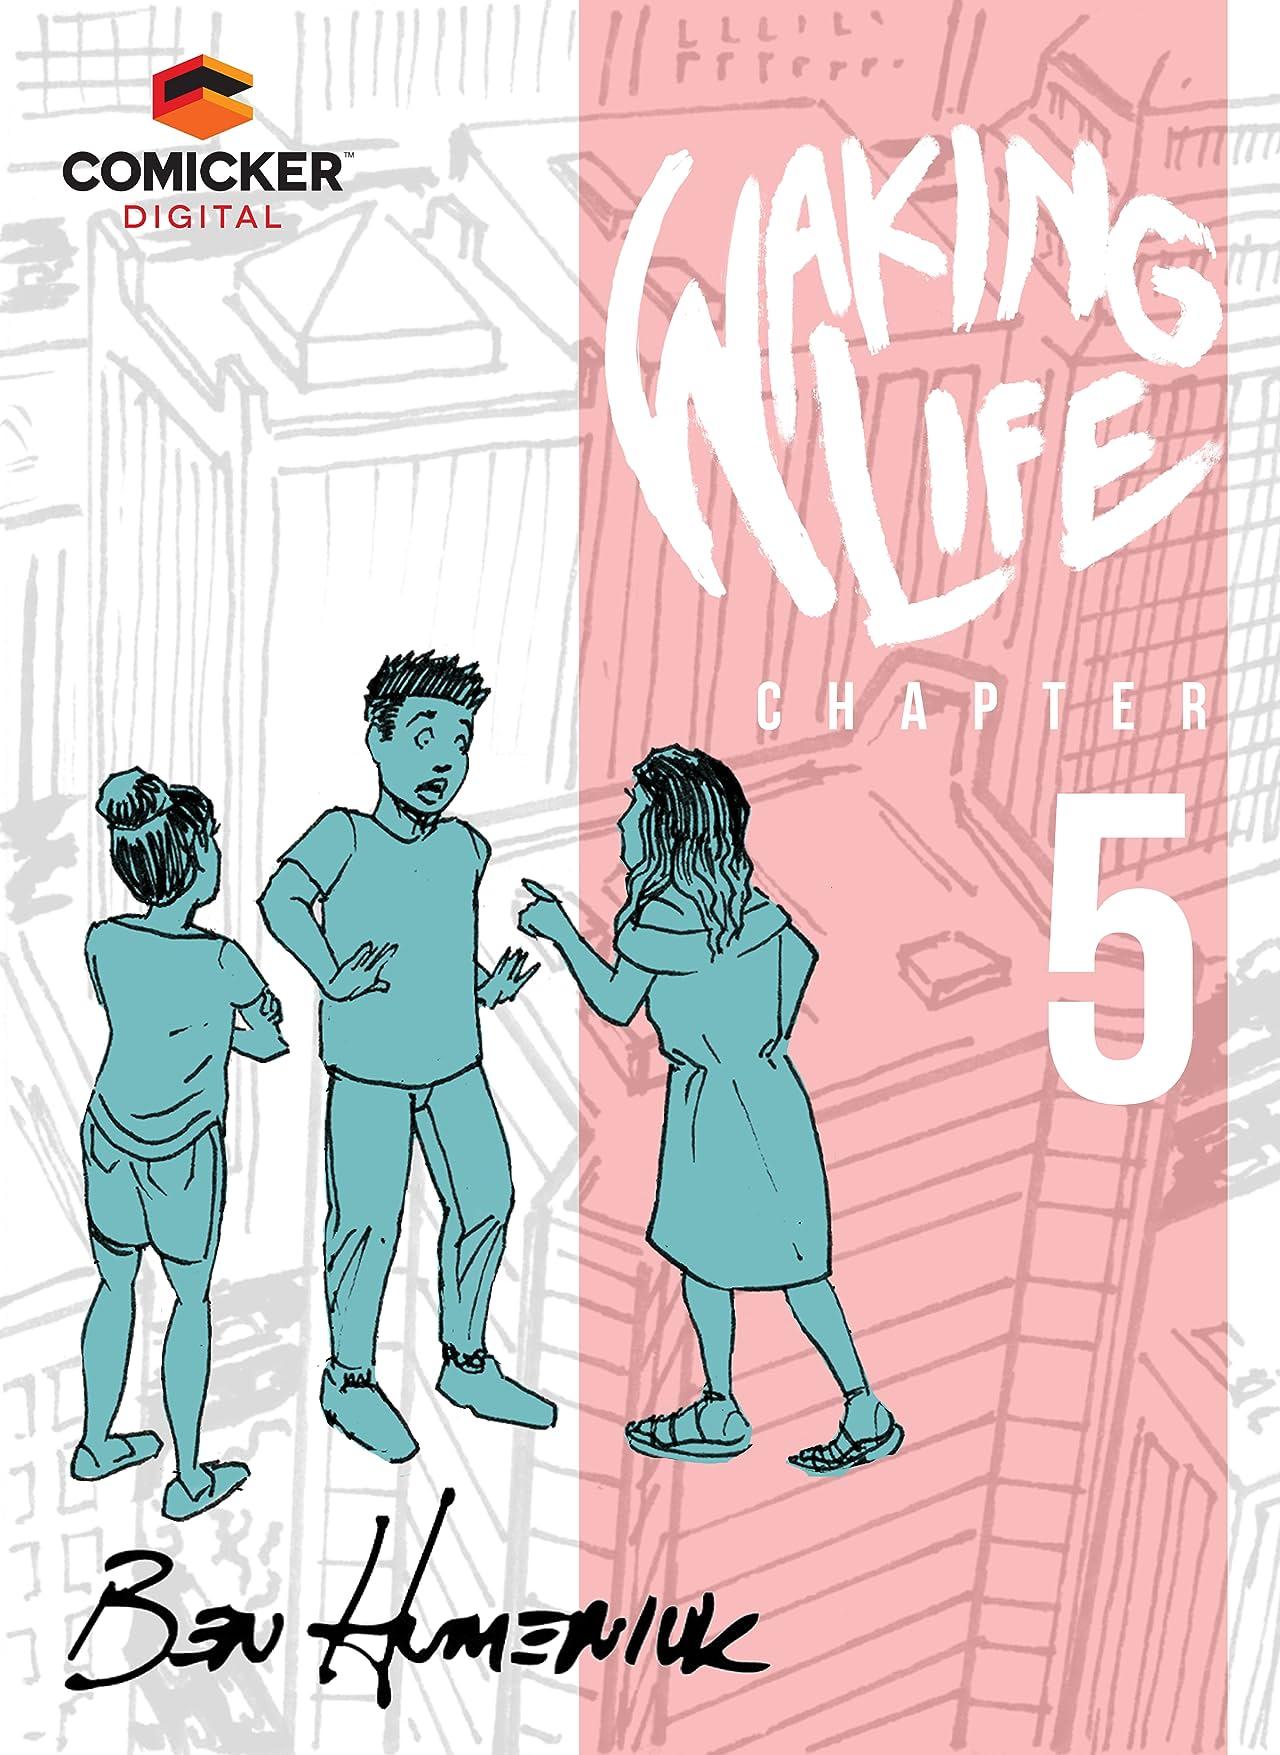 Waking Life #5